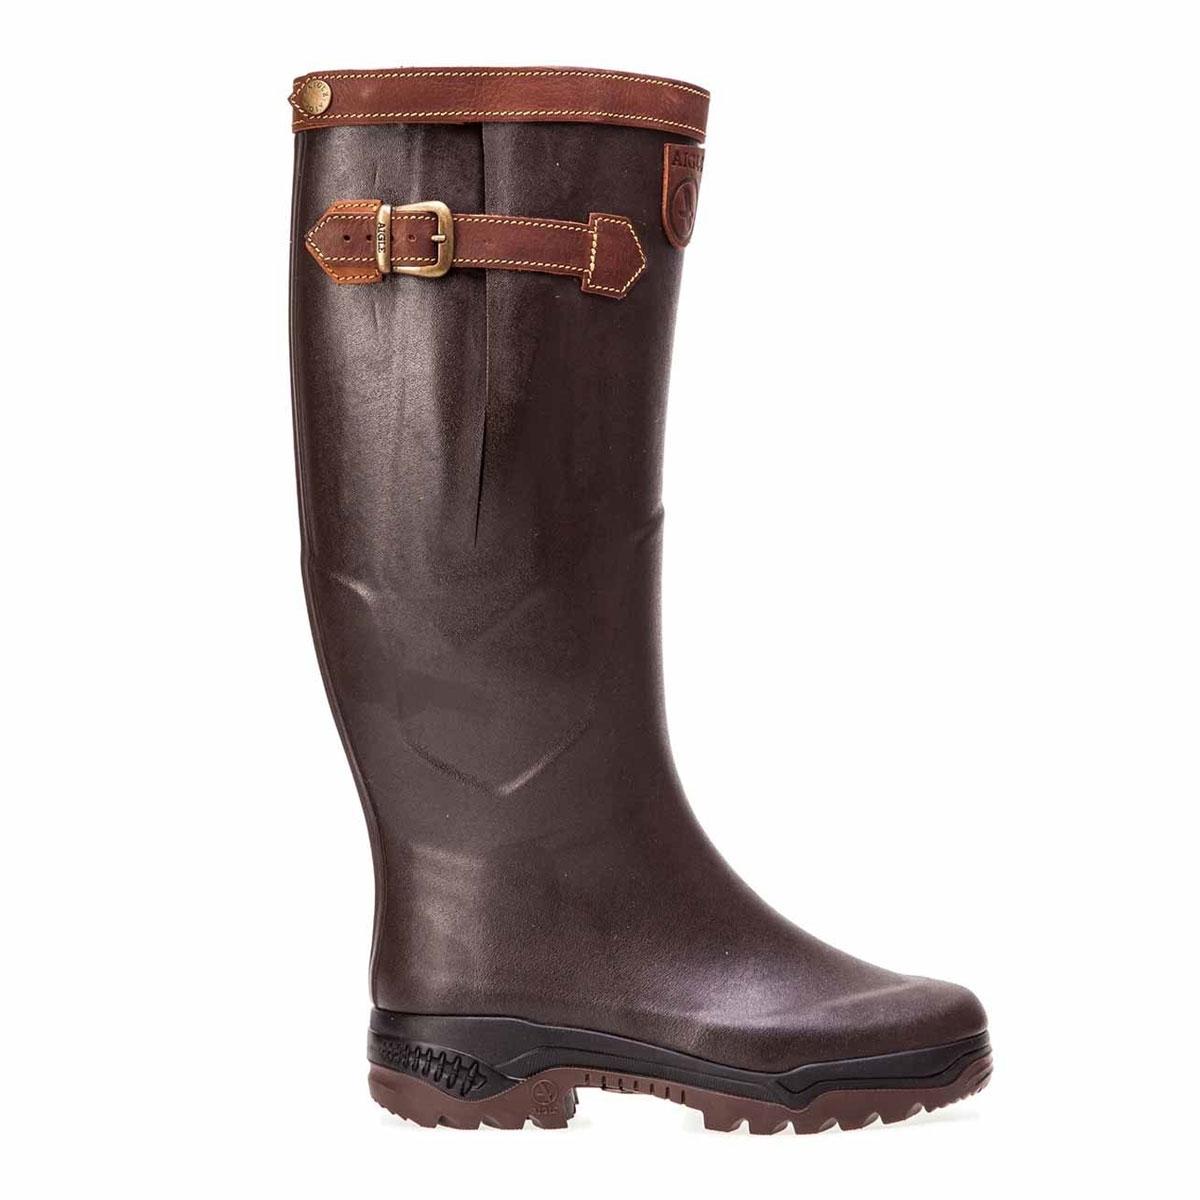 Unisex Aigle Rubber Boots